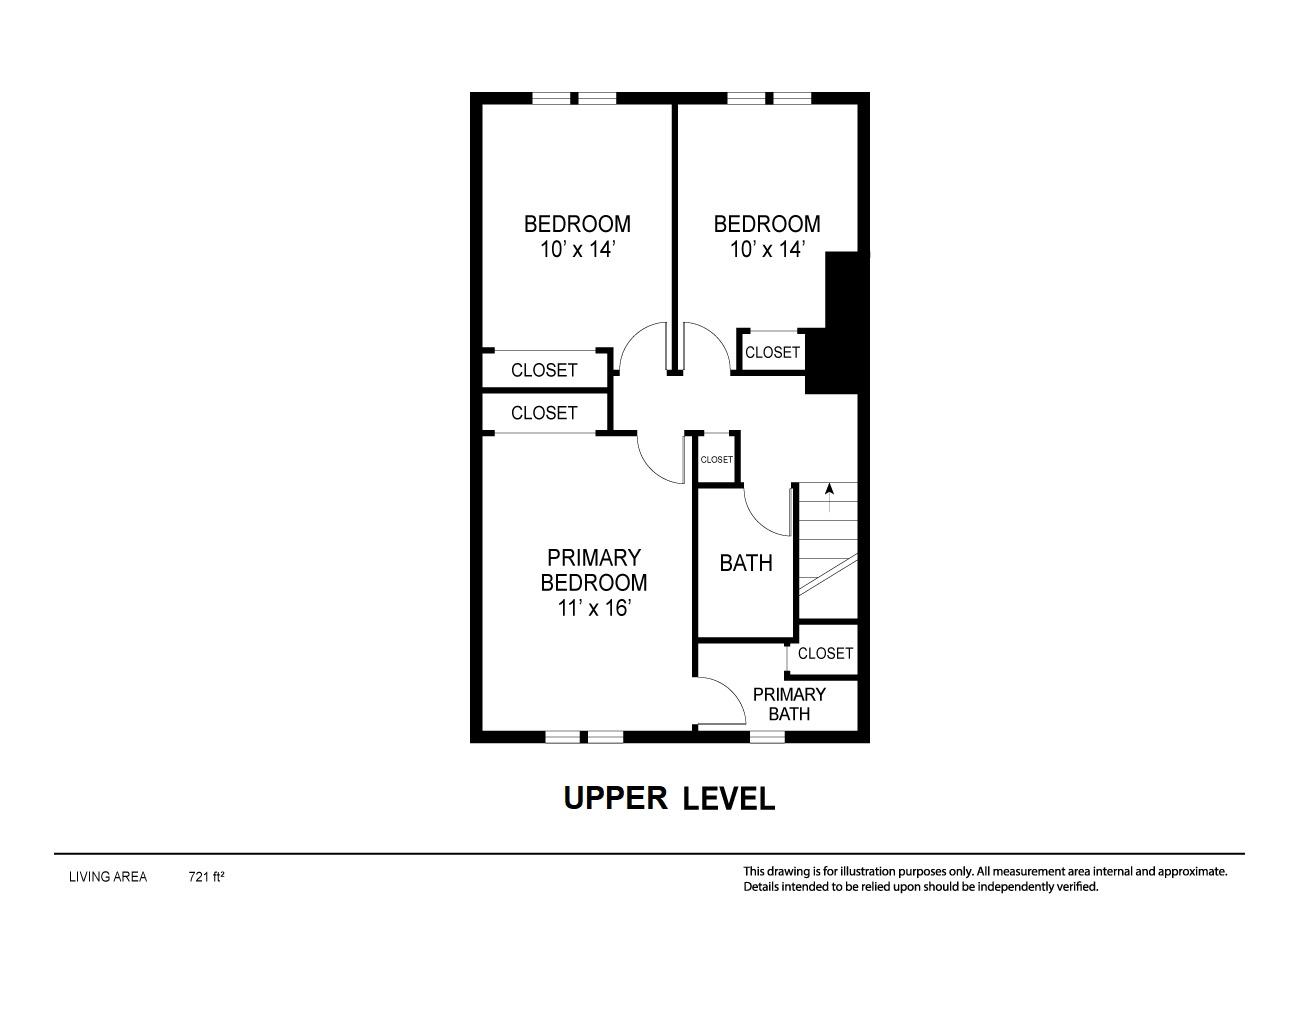 Upper_Level.jpg